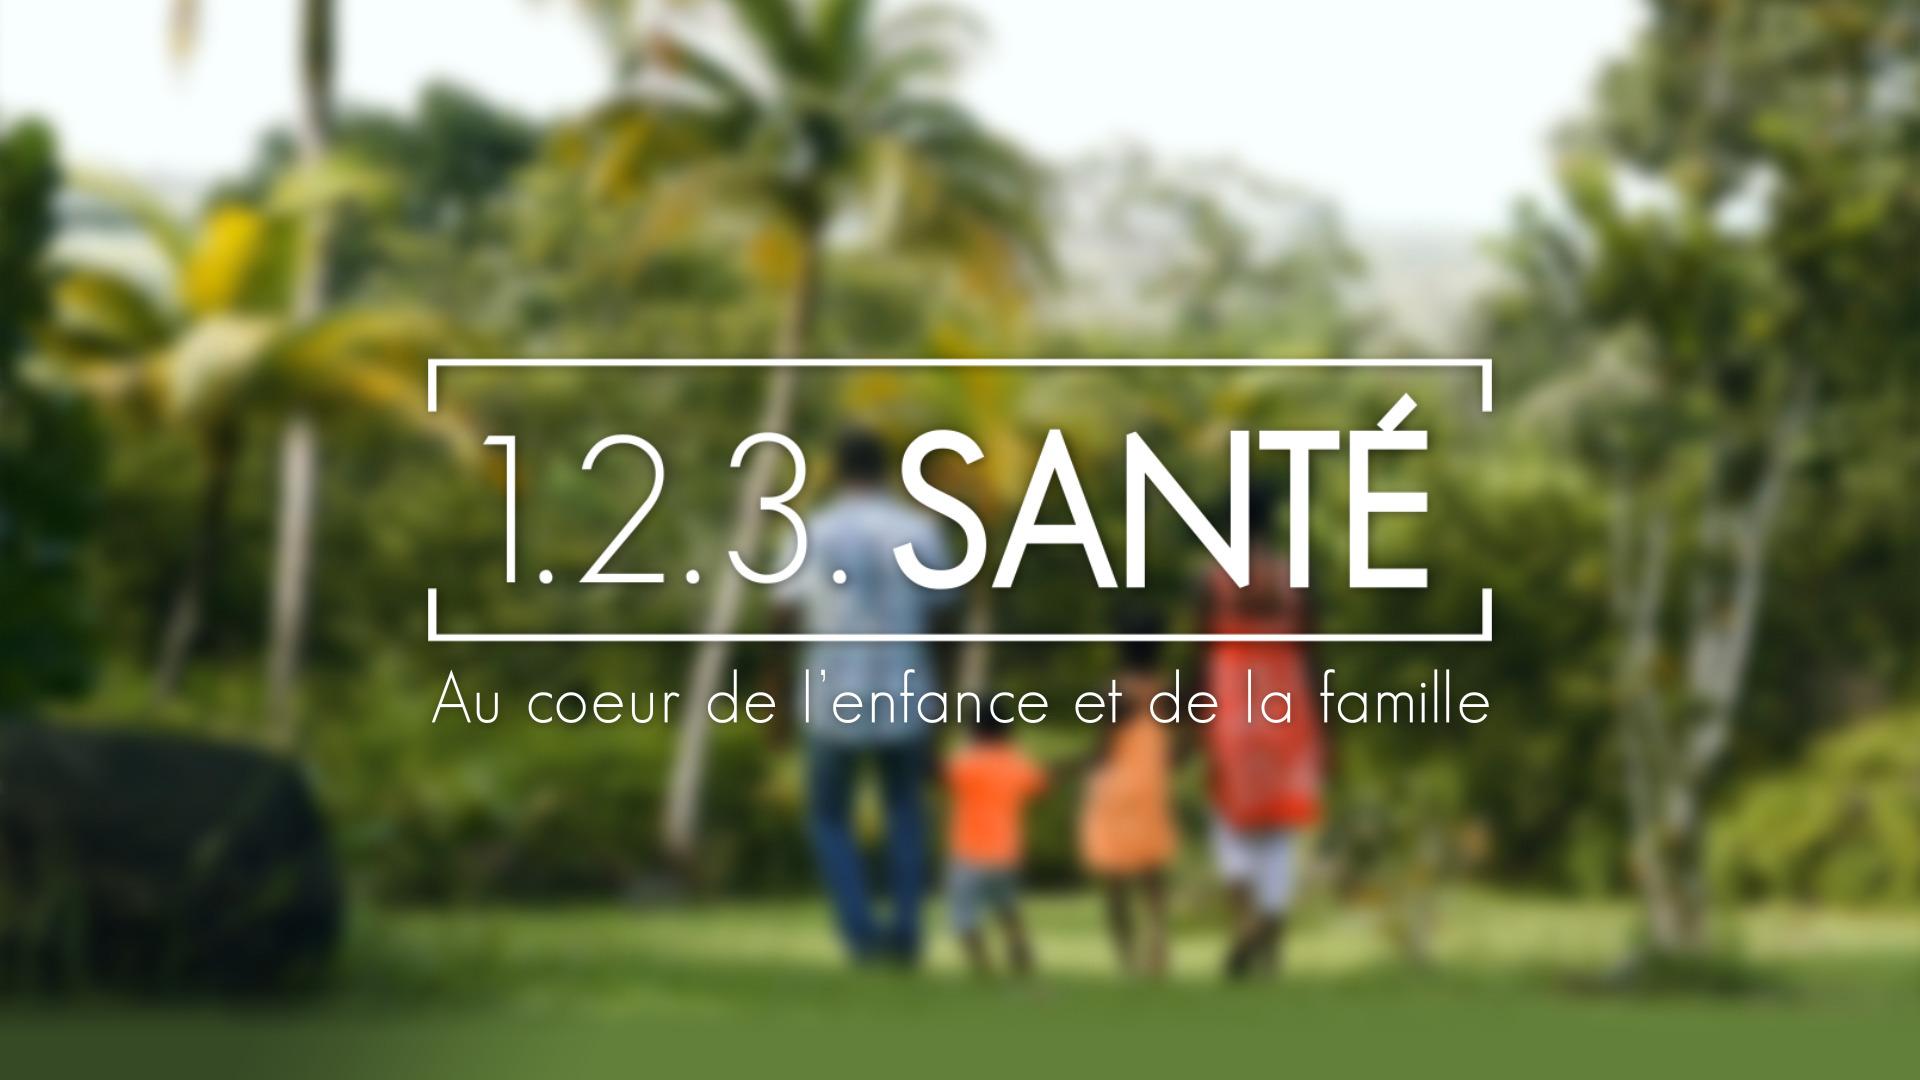 1,2,3... santé ! : Du 08/02/2021